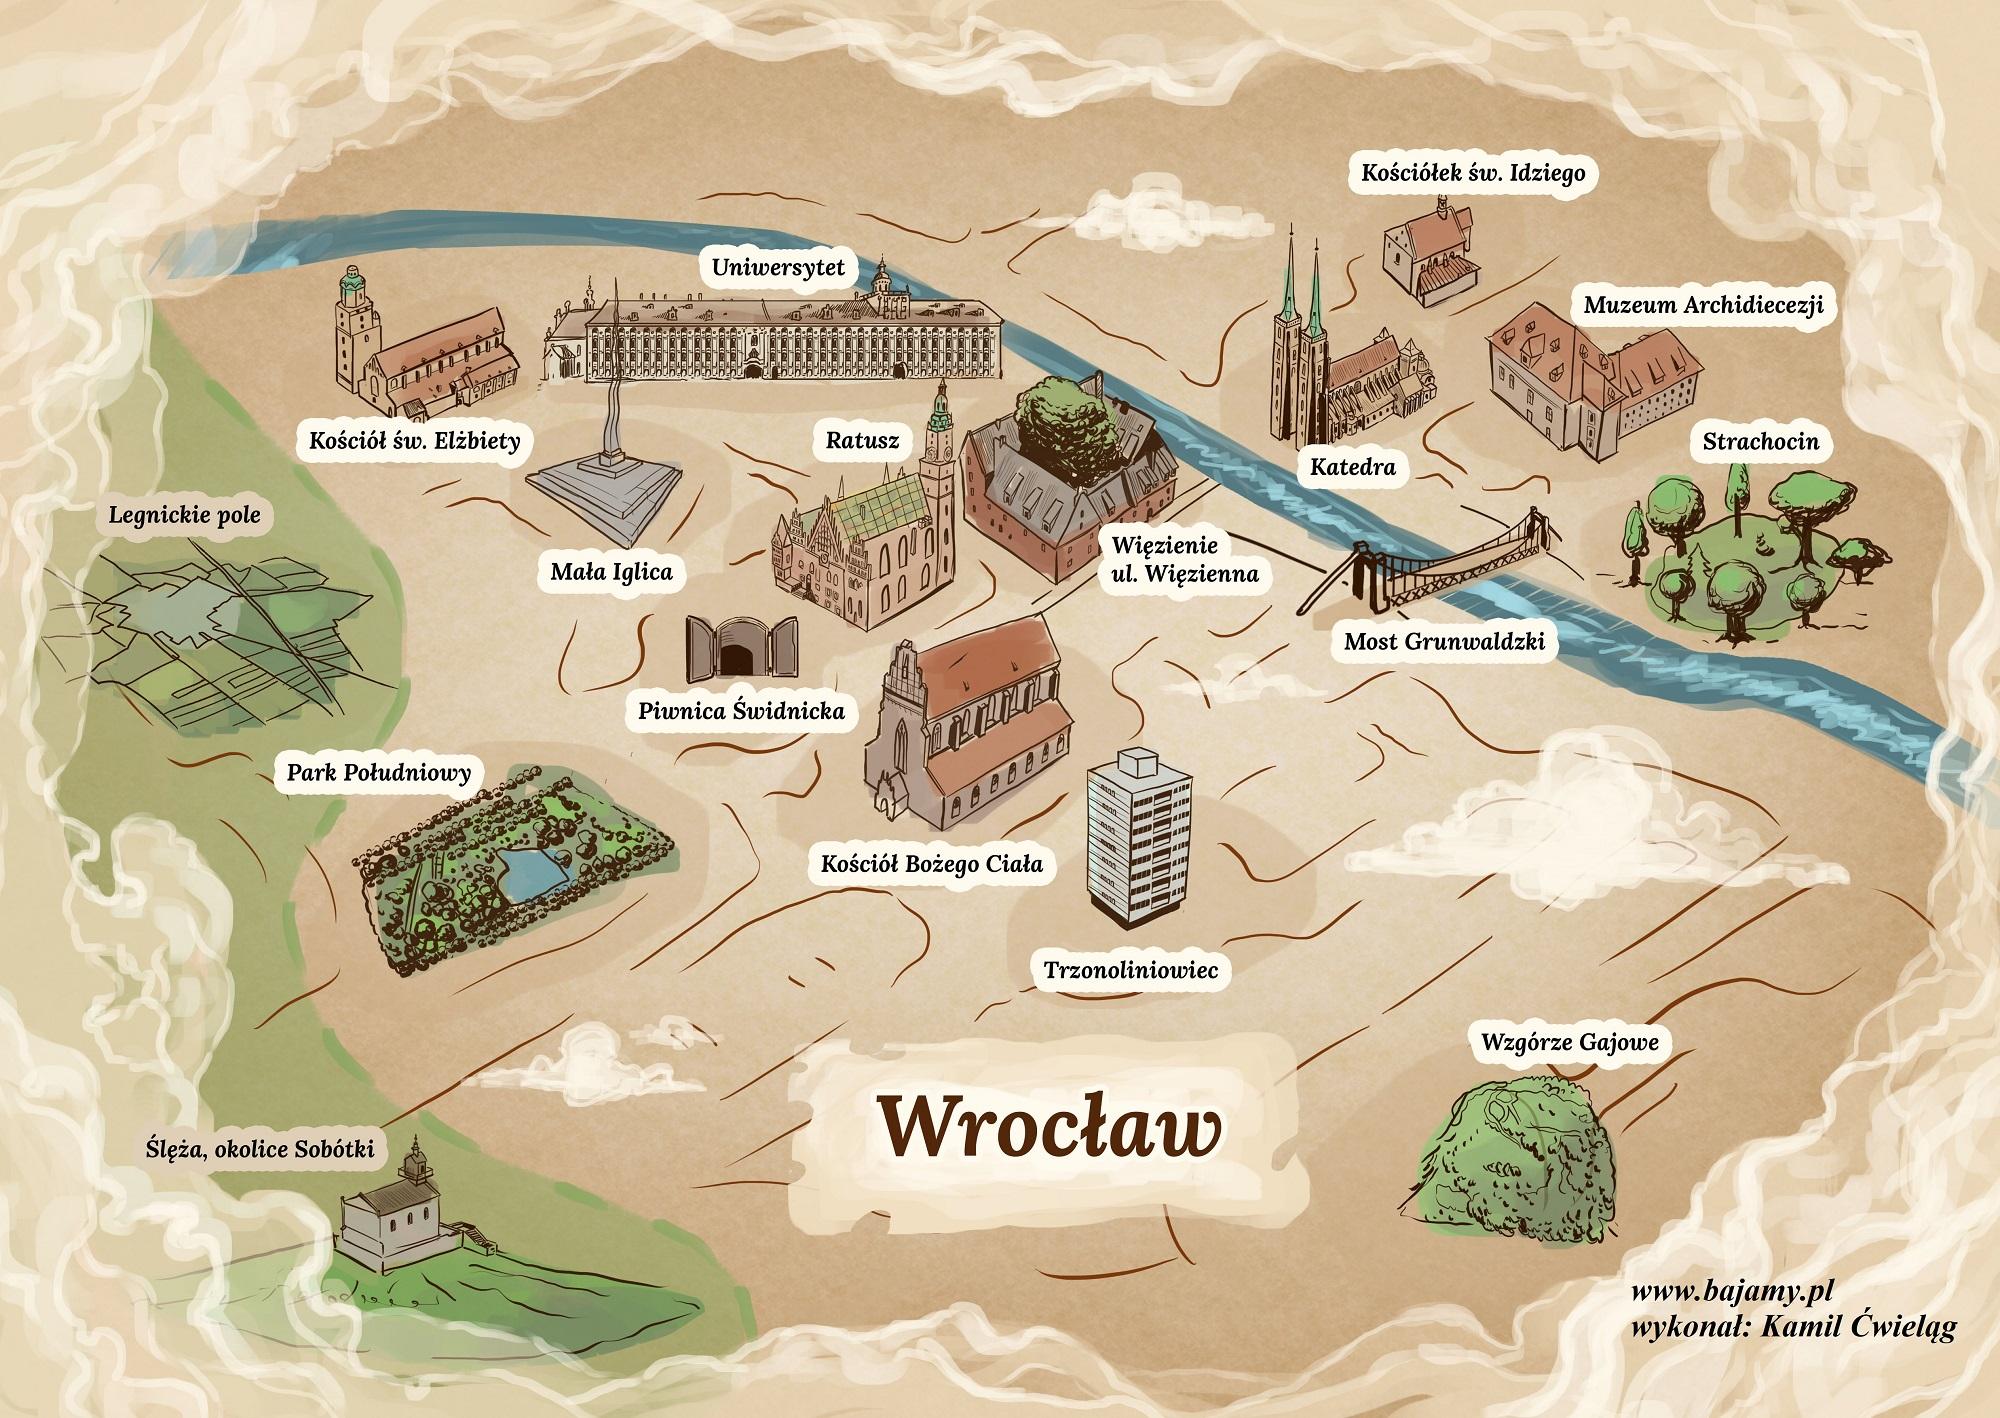 Poglądowa mapa Wrocławia i okolic